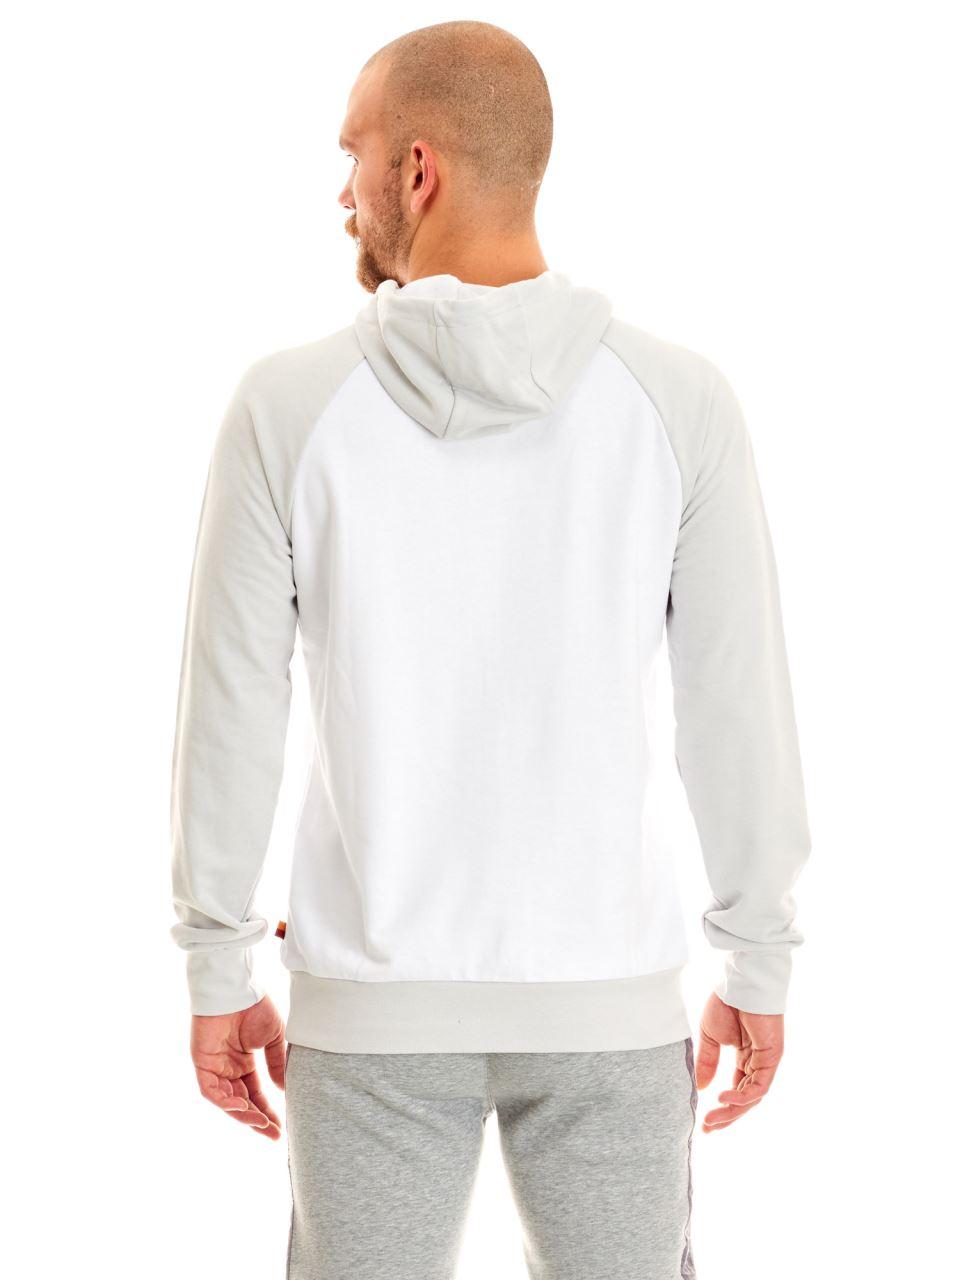 E95311 Sweatshirt